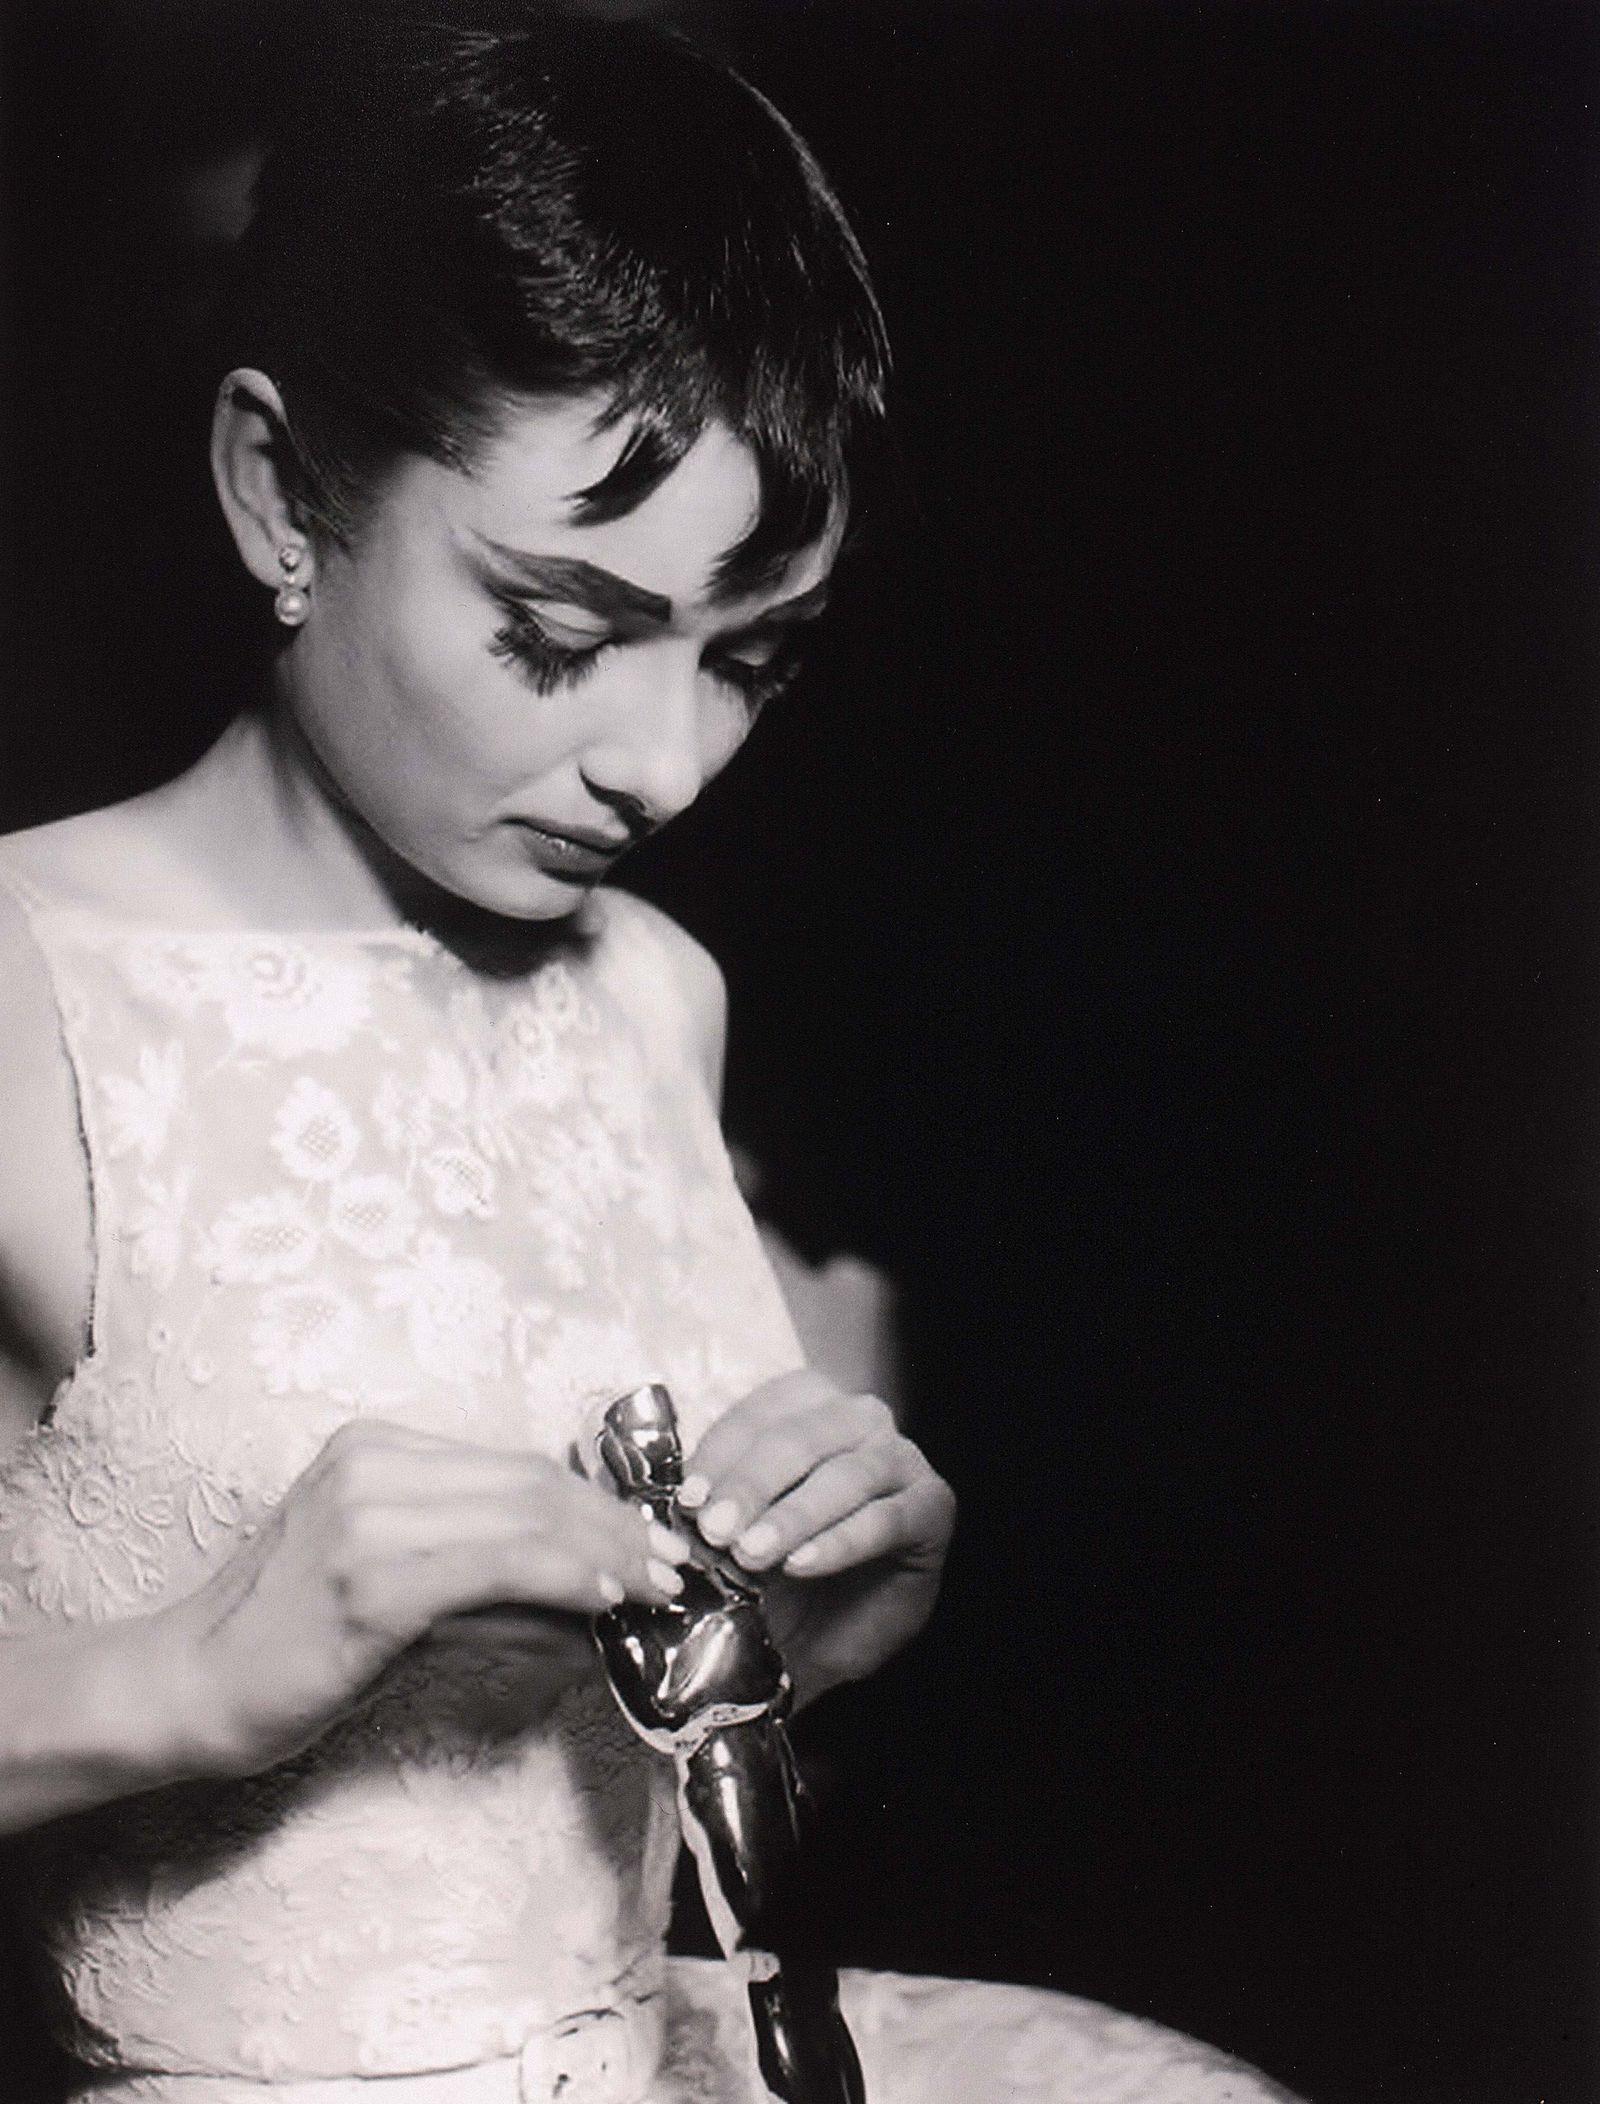 Portrait of Audrey Hepburn after winning an Oscar® for Best Actress